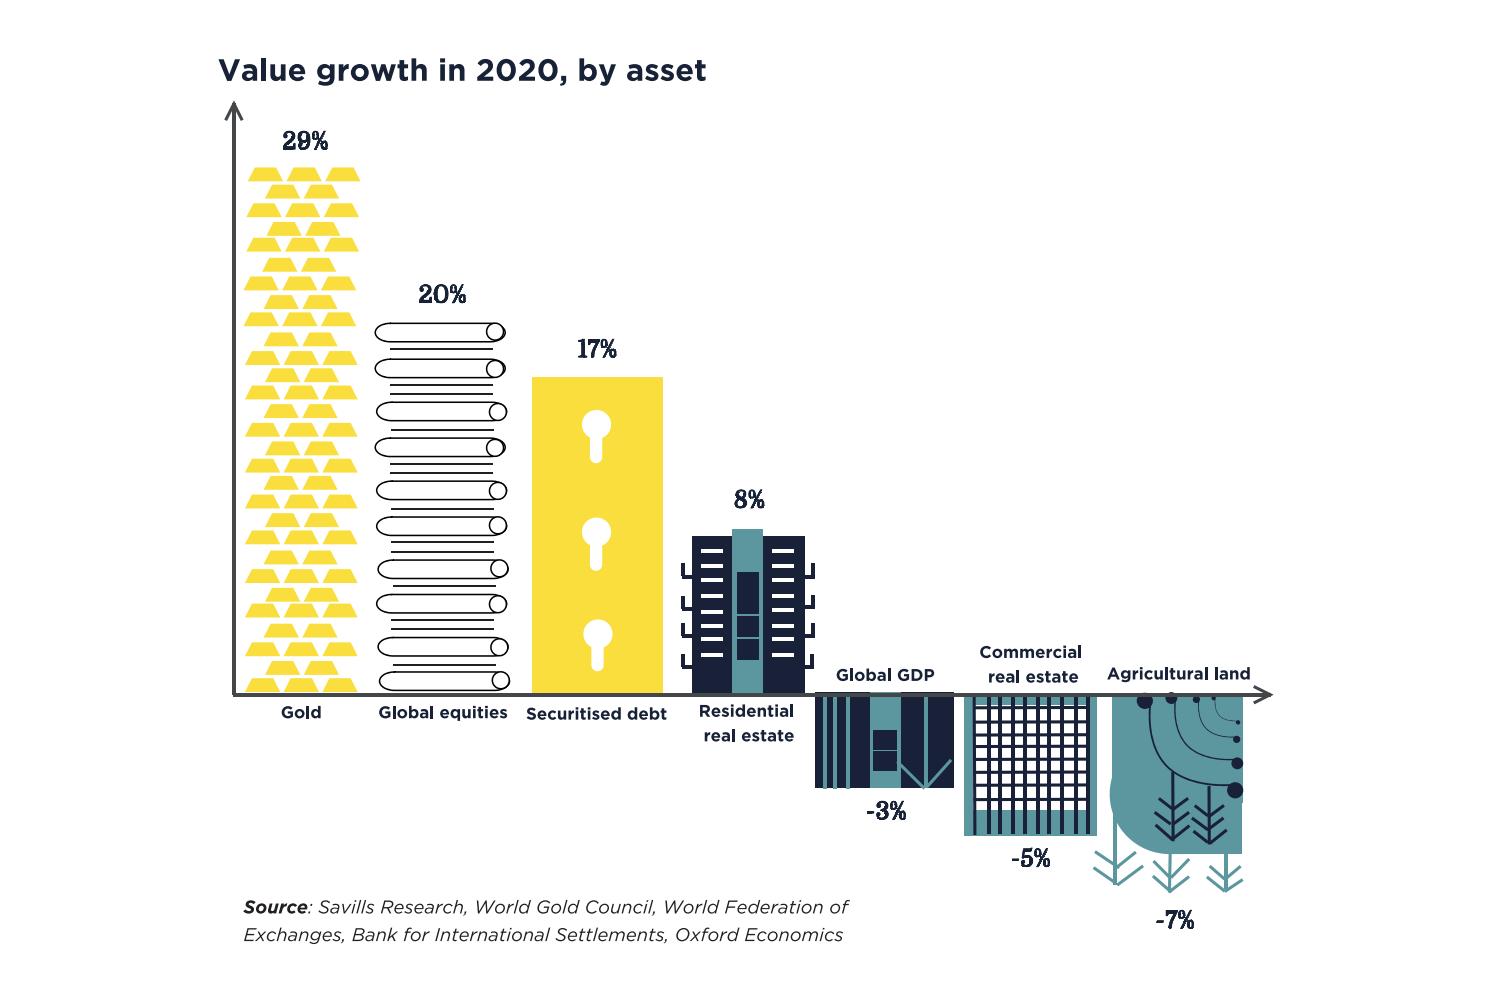 aumenta-5-%-el-valor-de-los-activos-inmobiliarios-mundiales-savills-3-alt